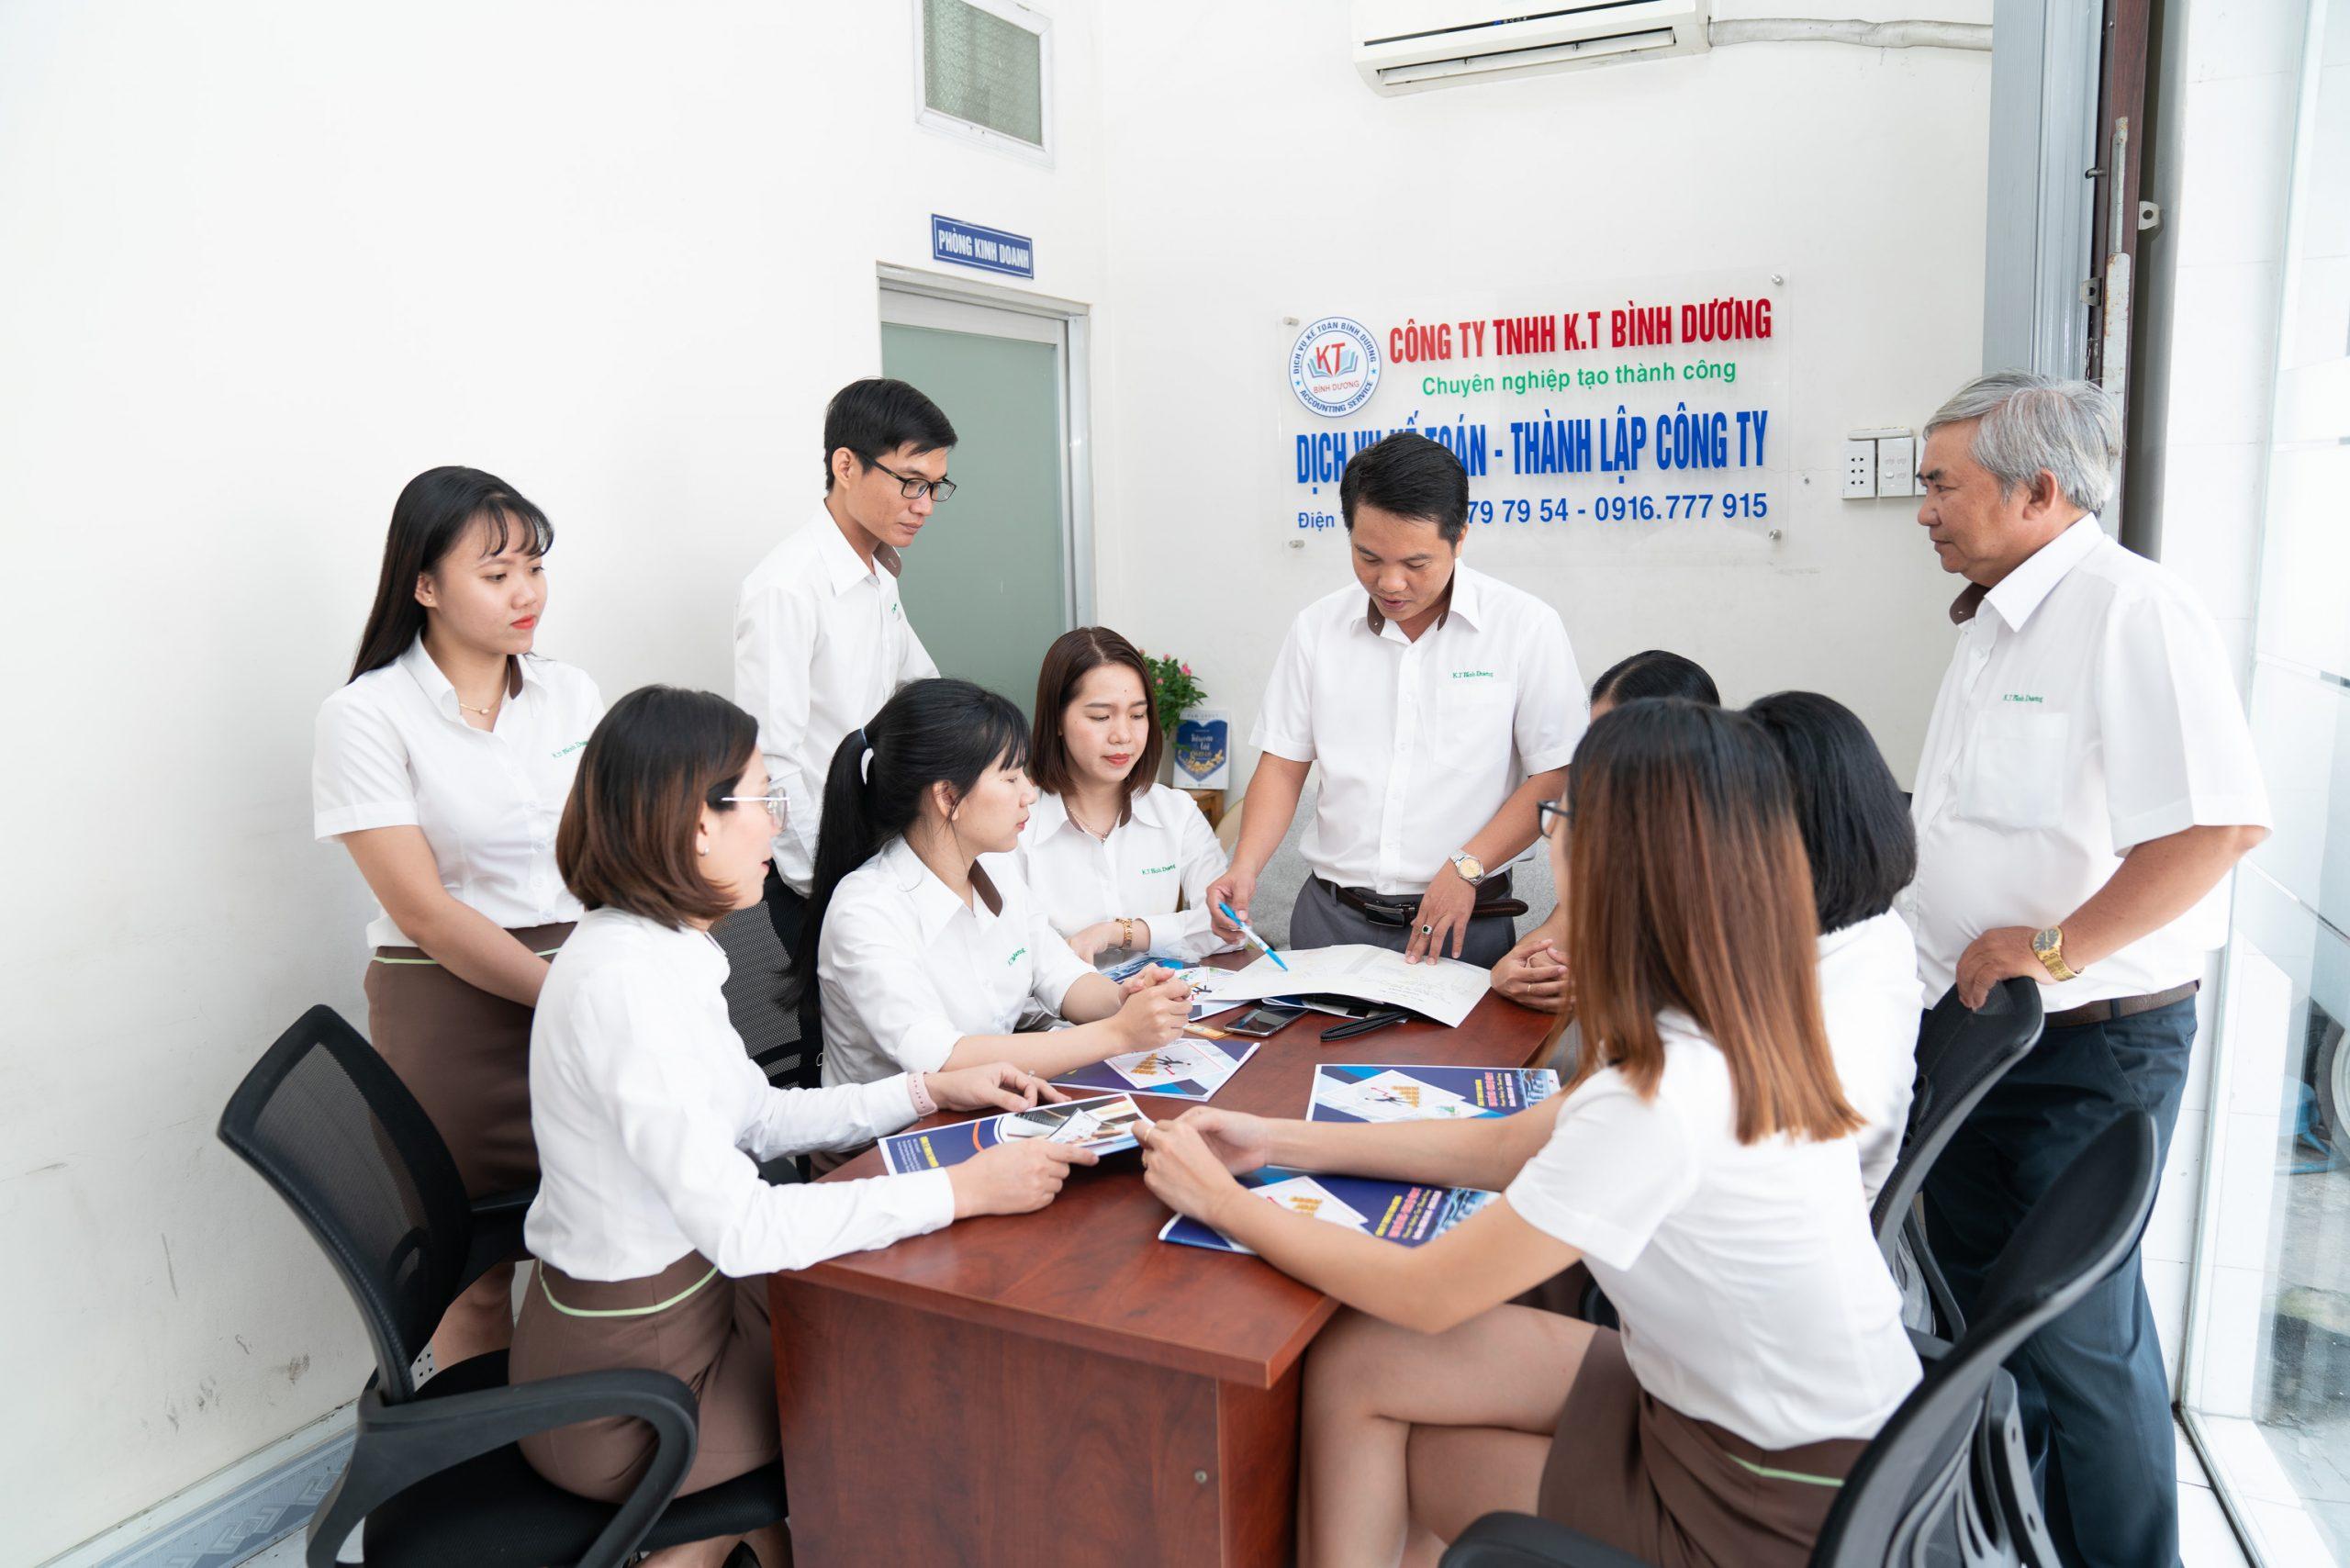 quy trình làm việc của dịch vụ kế toán bình dương